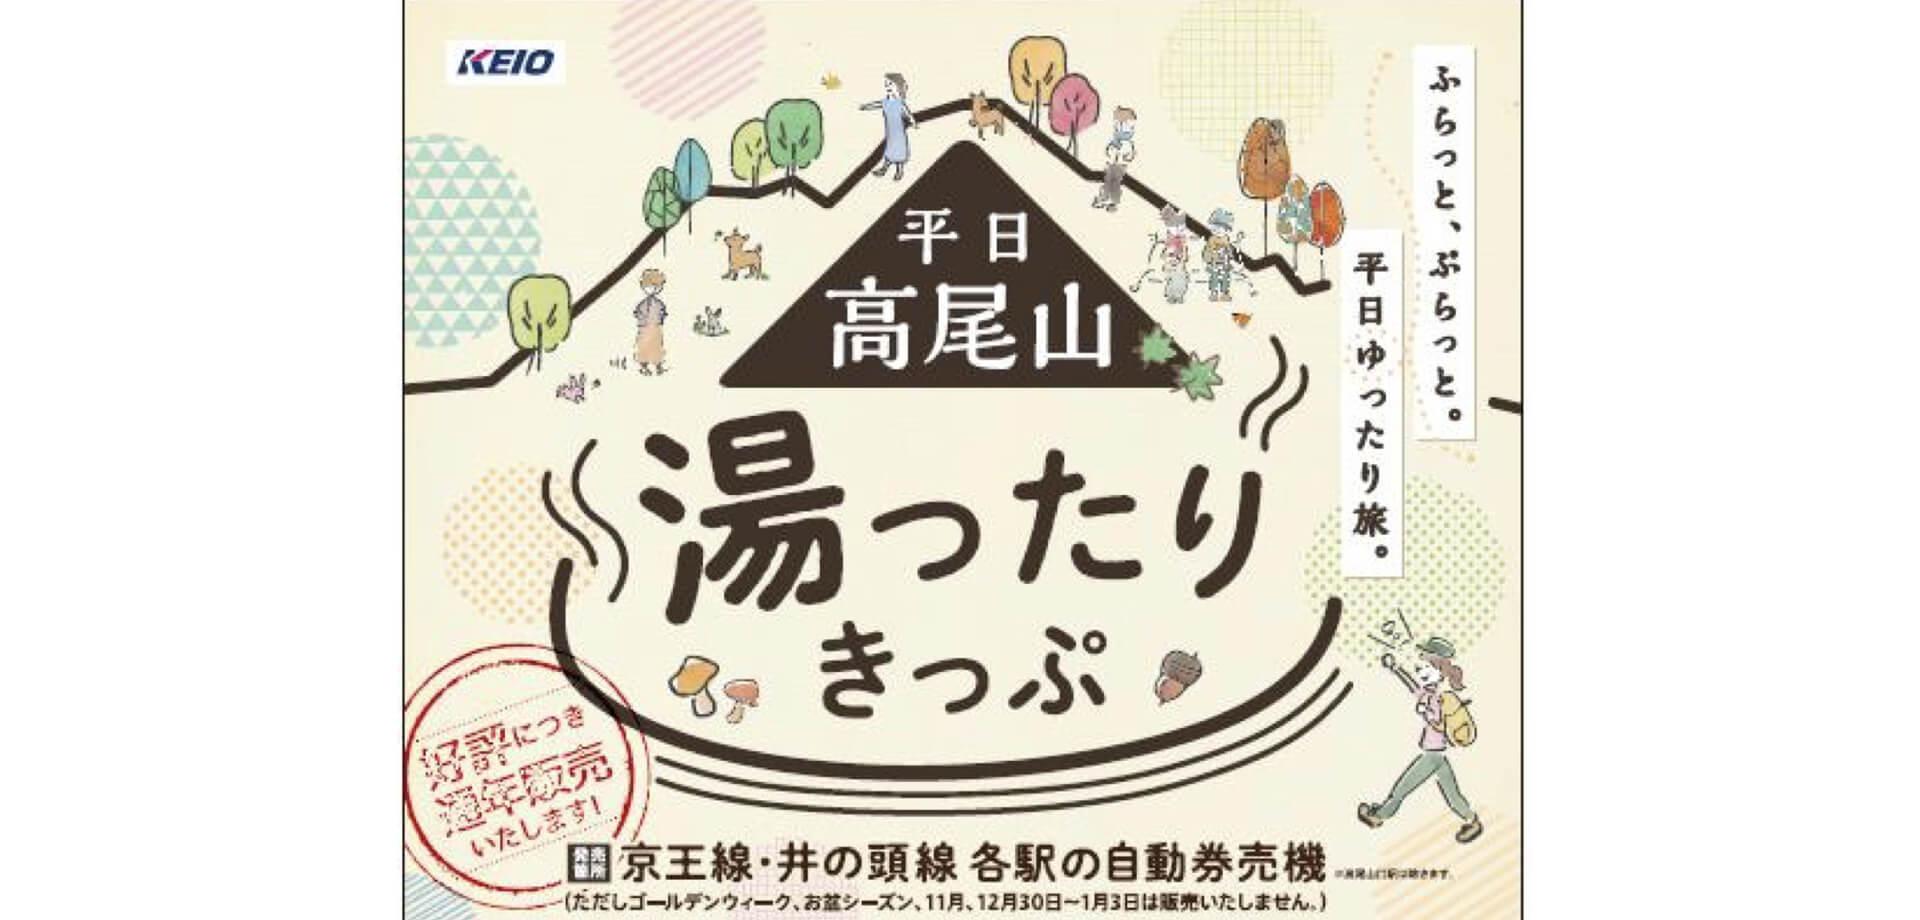 平日限定発売「高尾山湯ったりきっぷ」京王電鉄